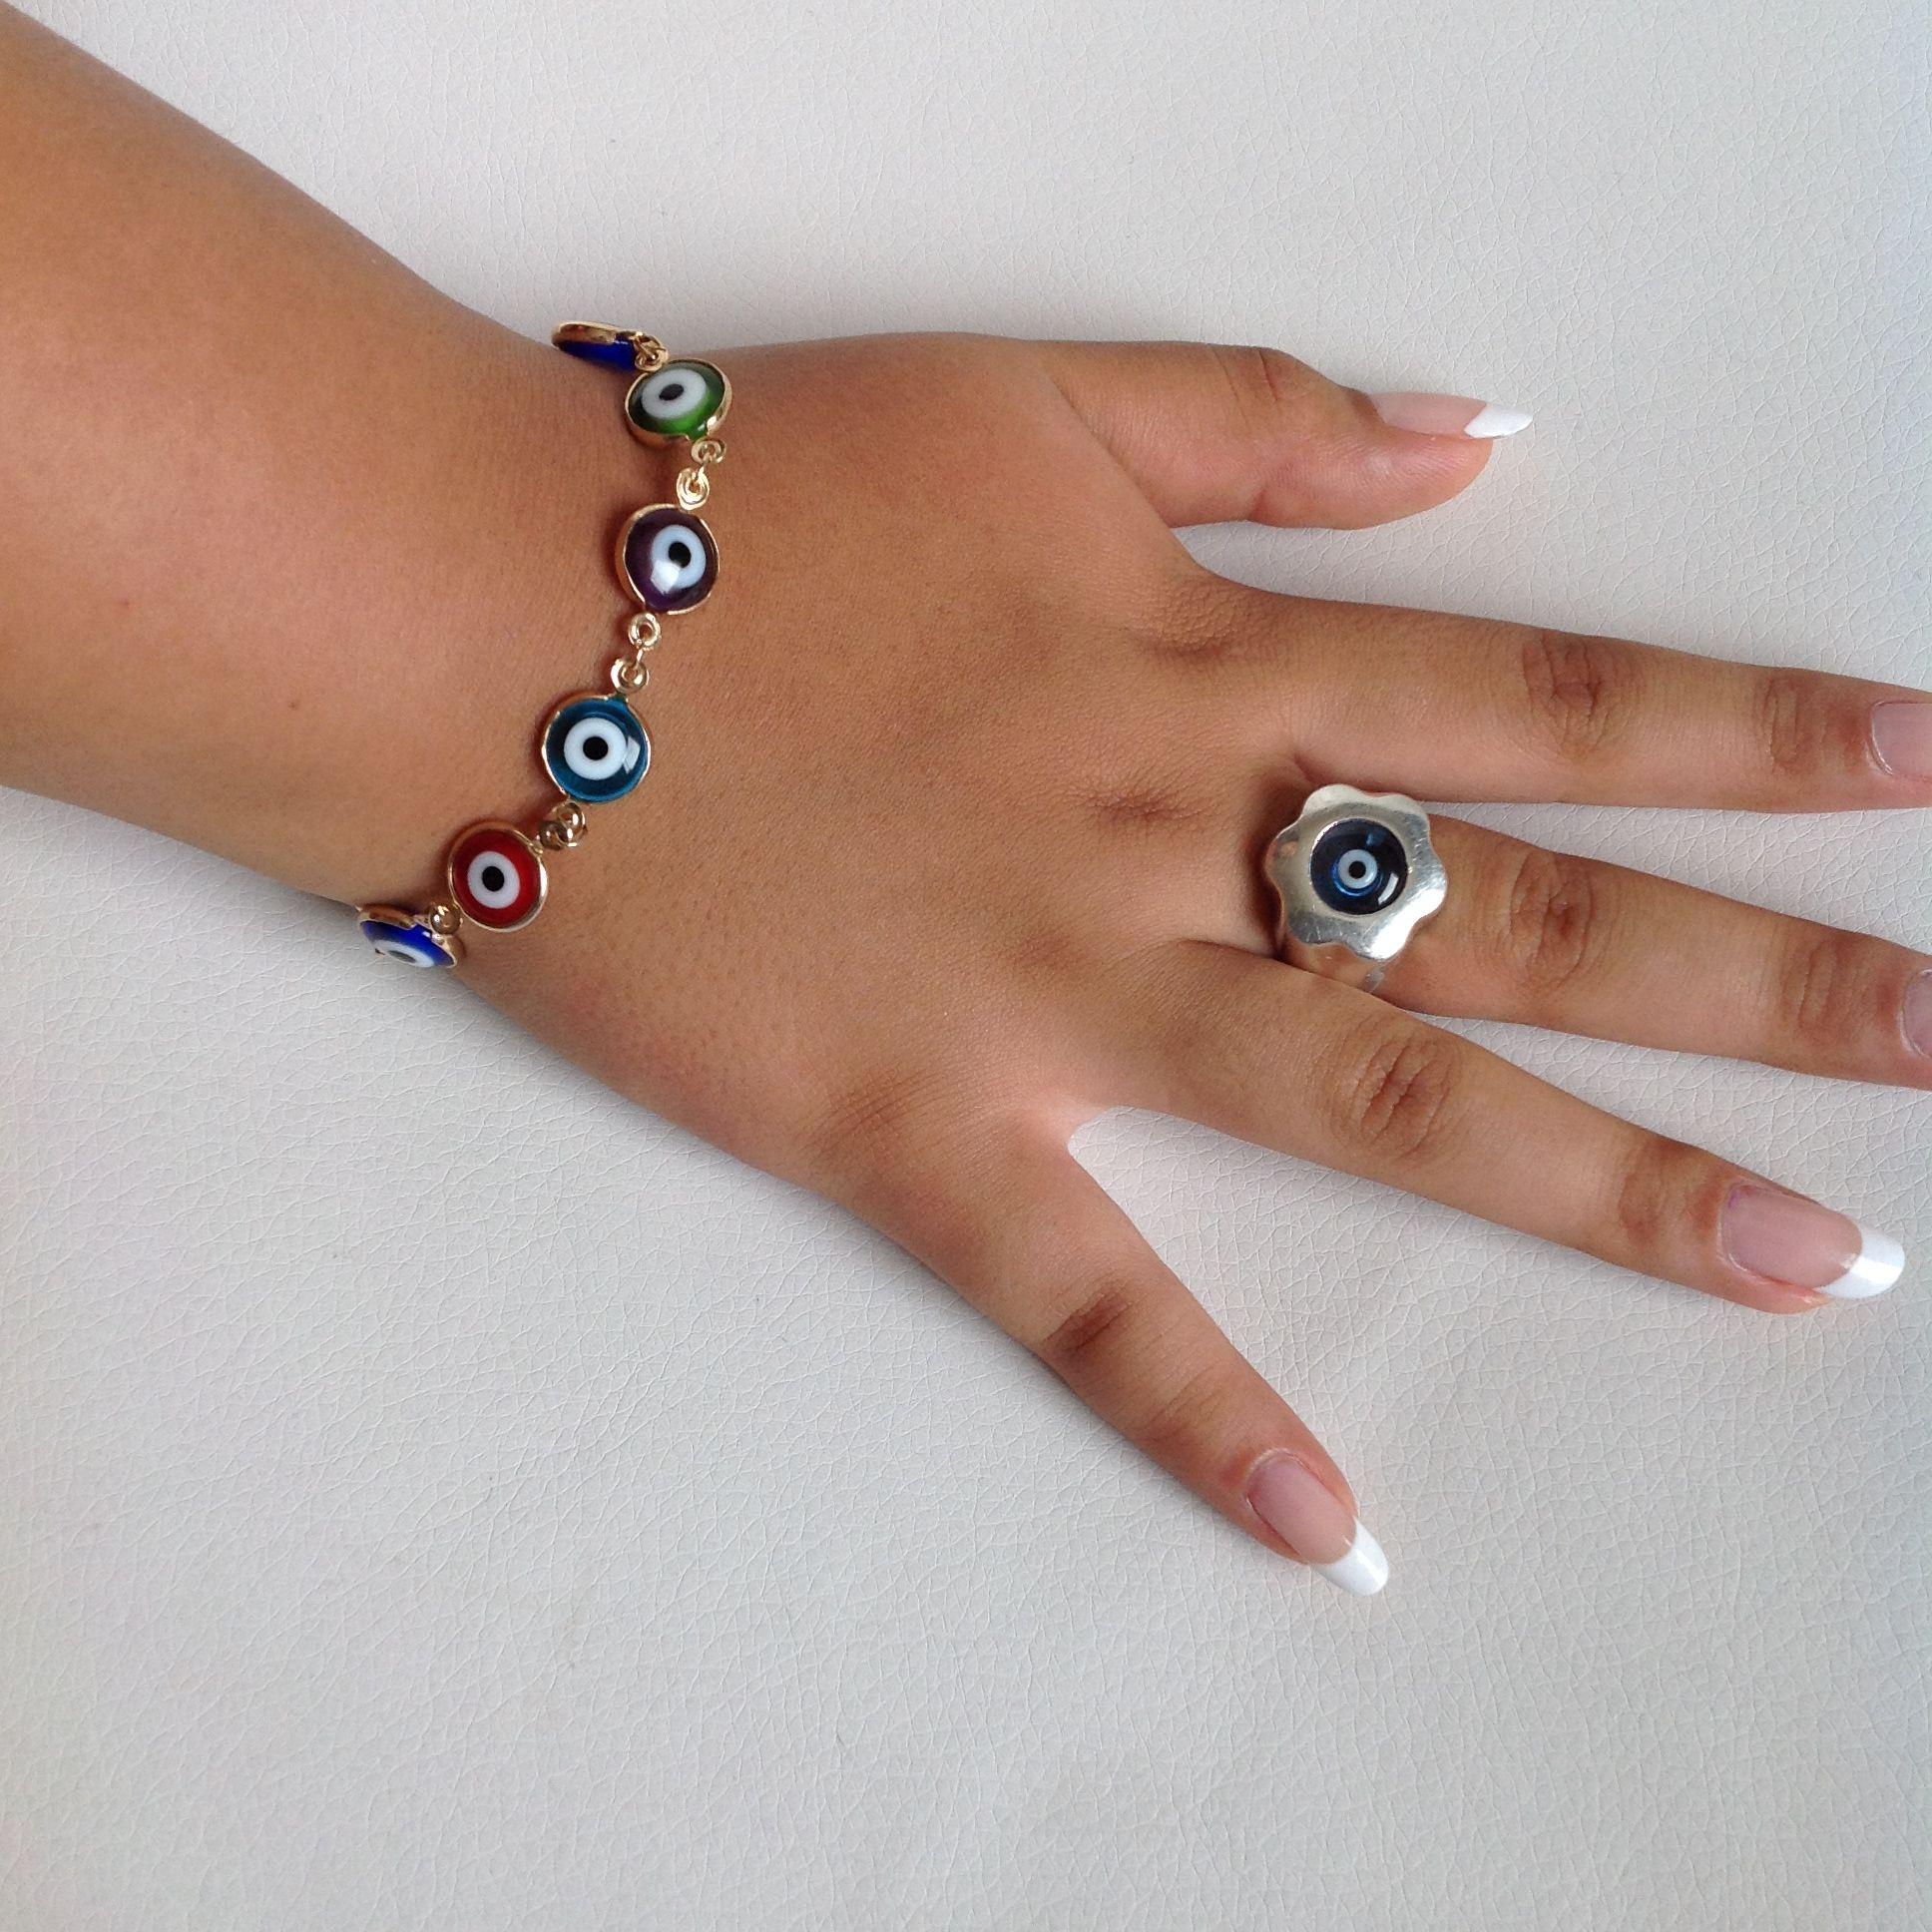 0d0d6ce61378 sortija en plata 950 diseño ojo turco y pulsera multicolor en ojos ...